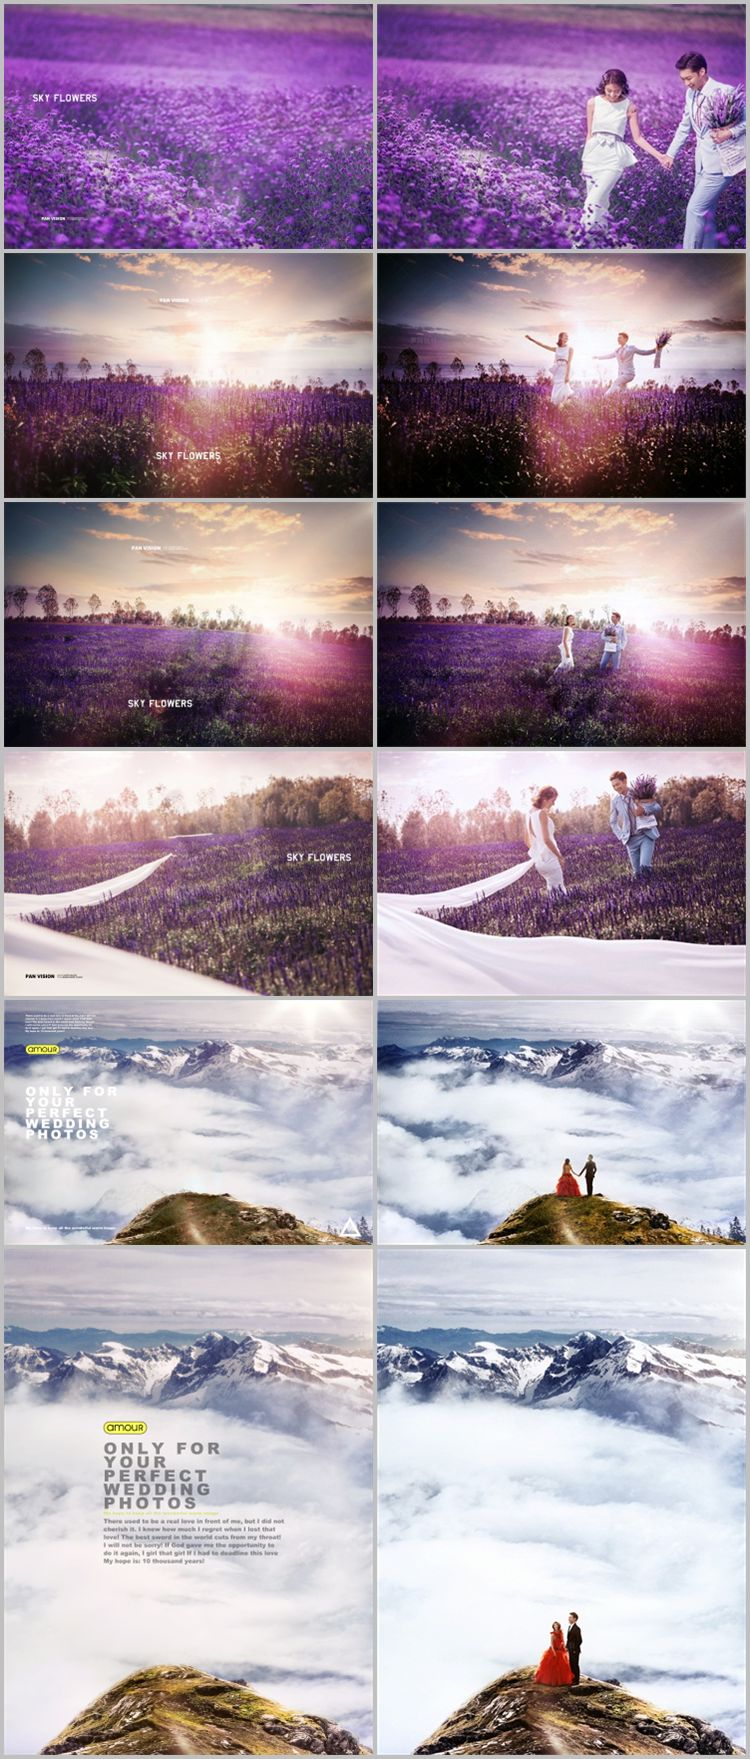 梦幻5D旅拍合成前景背景素材婚纱写真大片飘纱抠图溶图换景PS模板